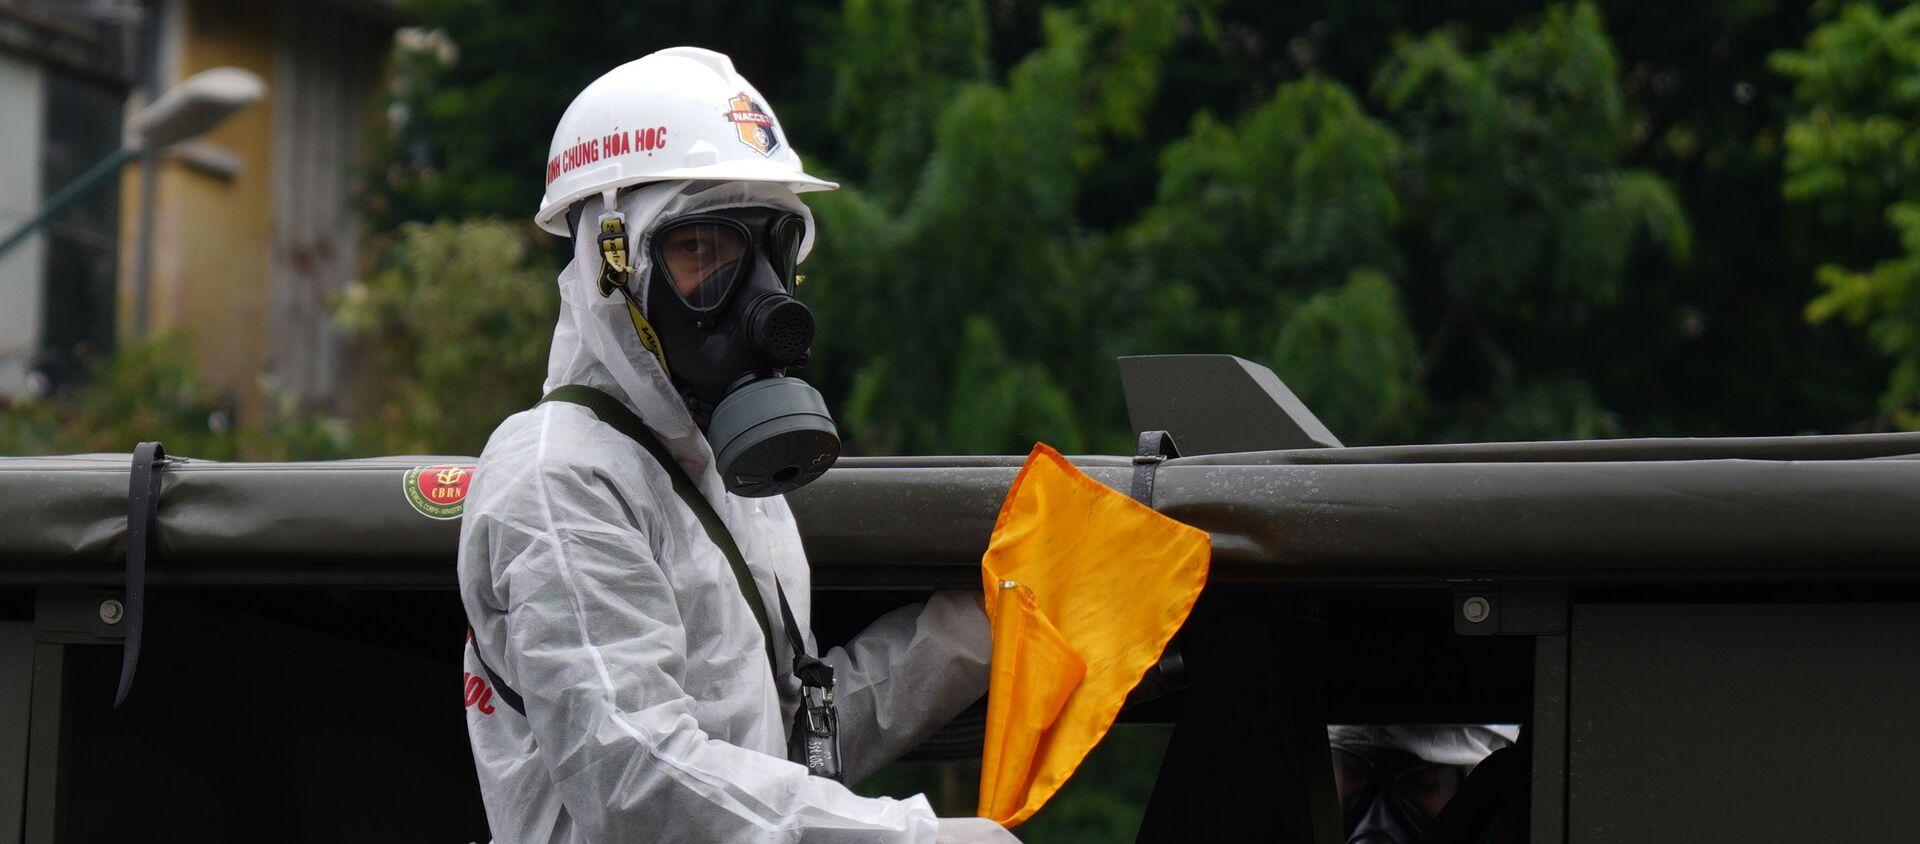 Lực lượng quân đội phun khử khuẩn vào sáng 26/7 - Sputnik Việt Nam, 1920, 25.08.2021